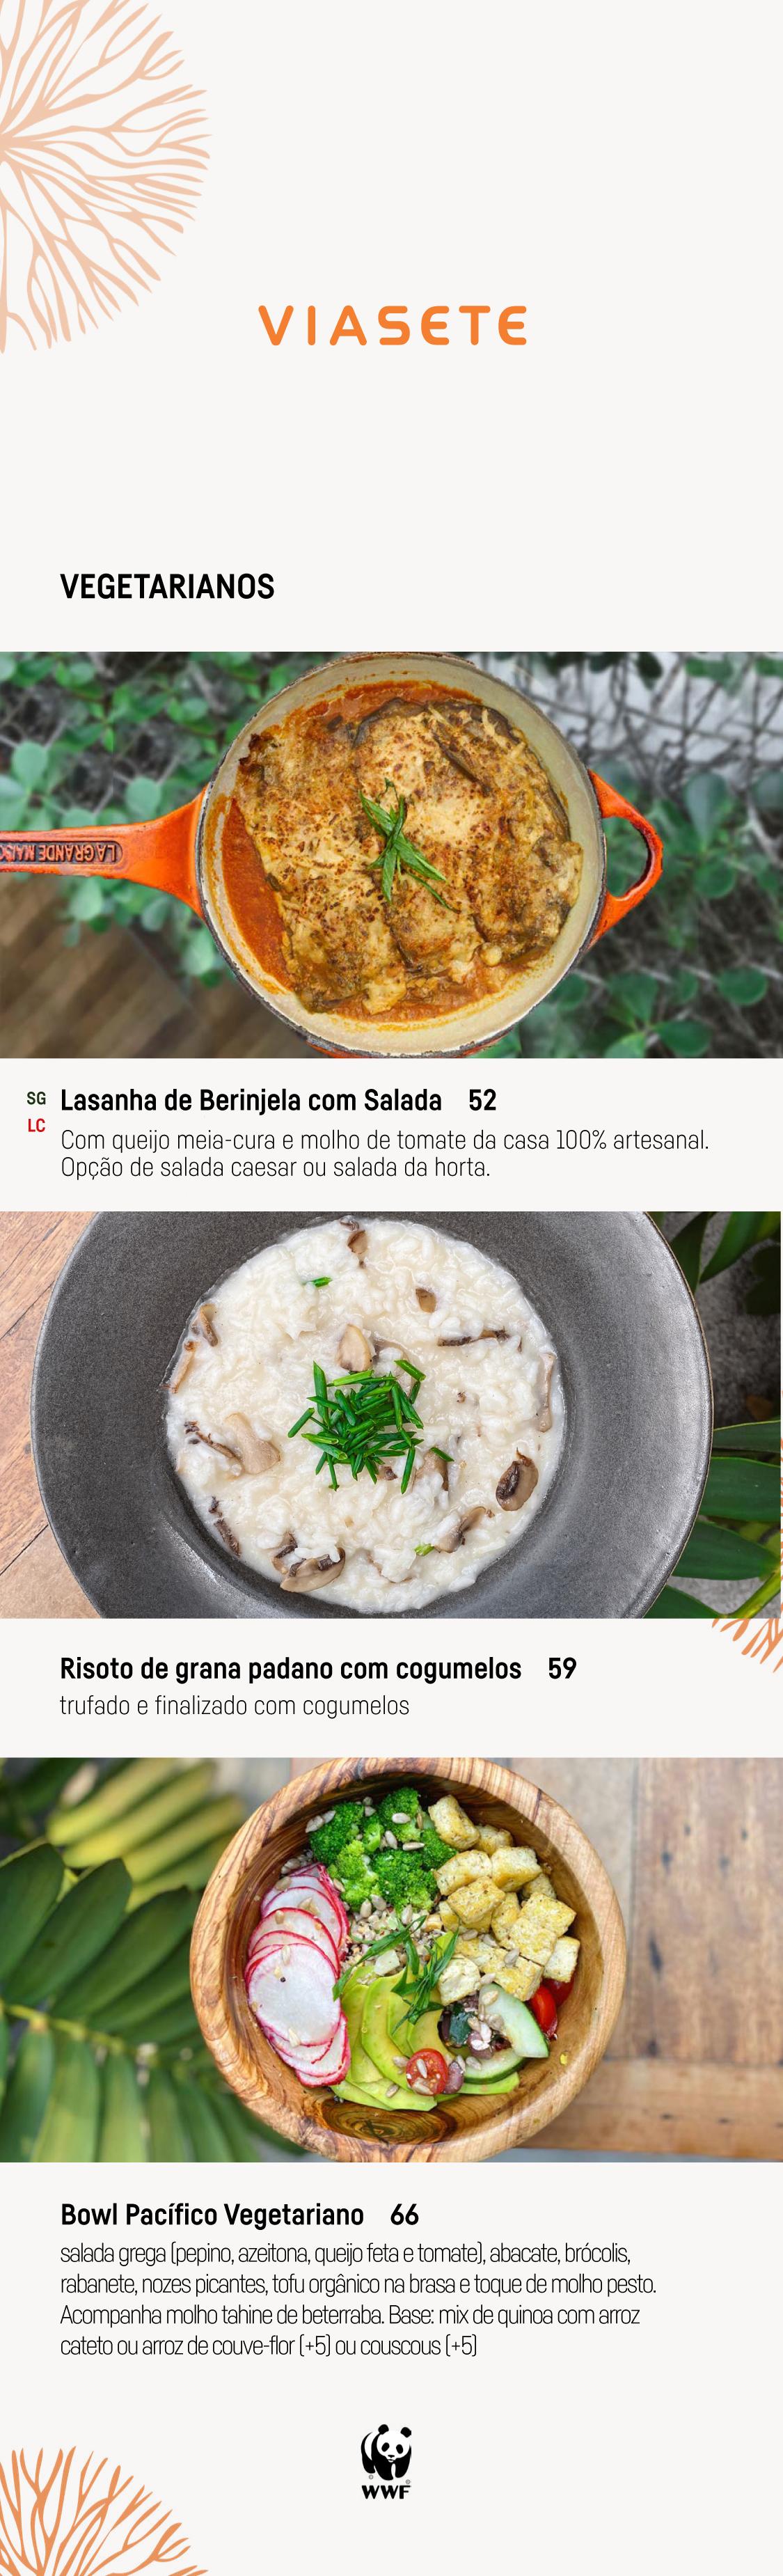 Vegetarianos_celular-v7